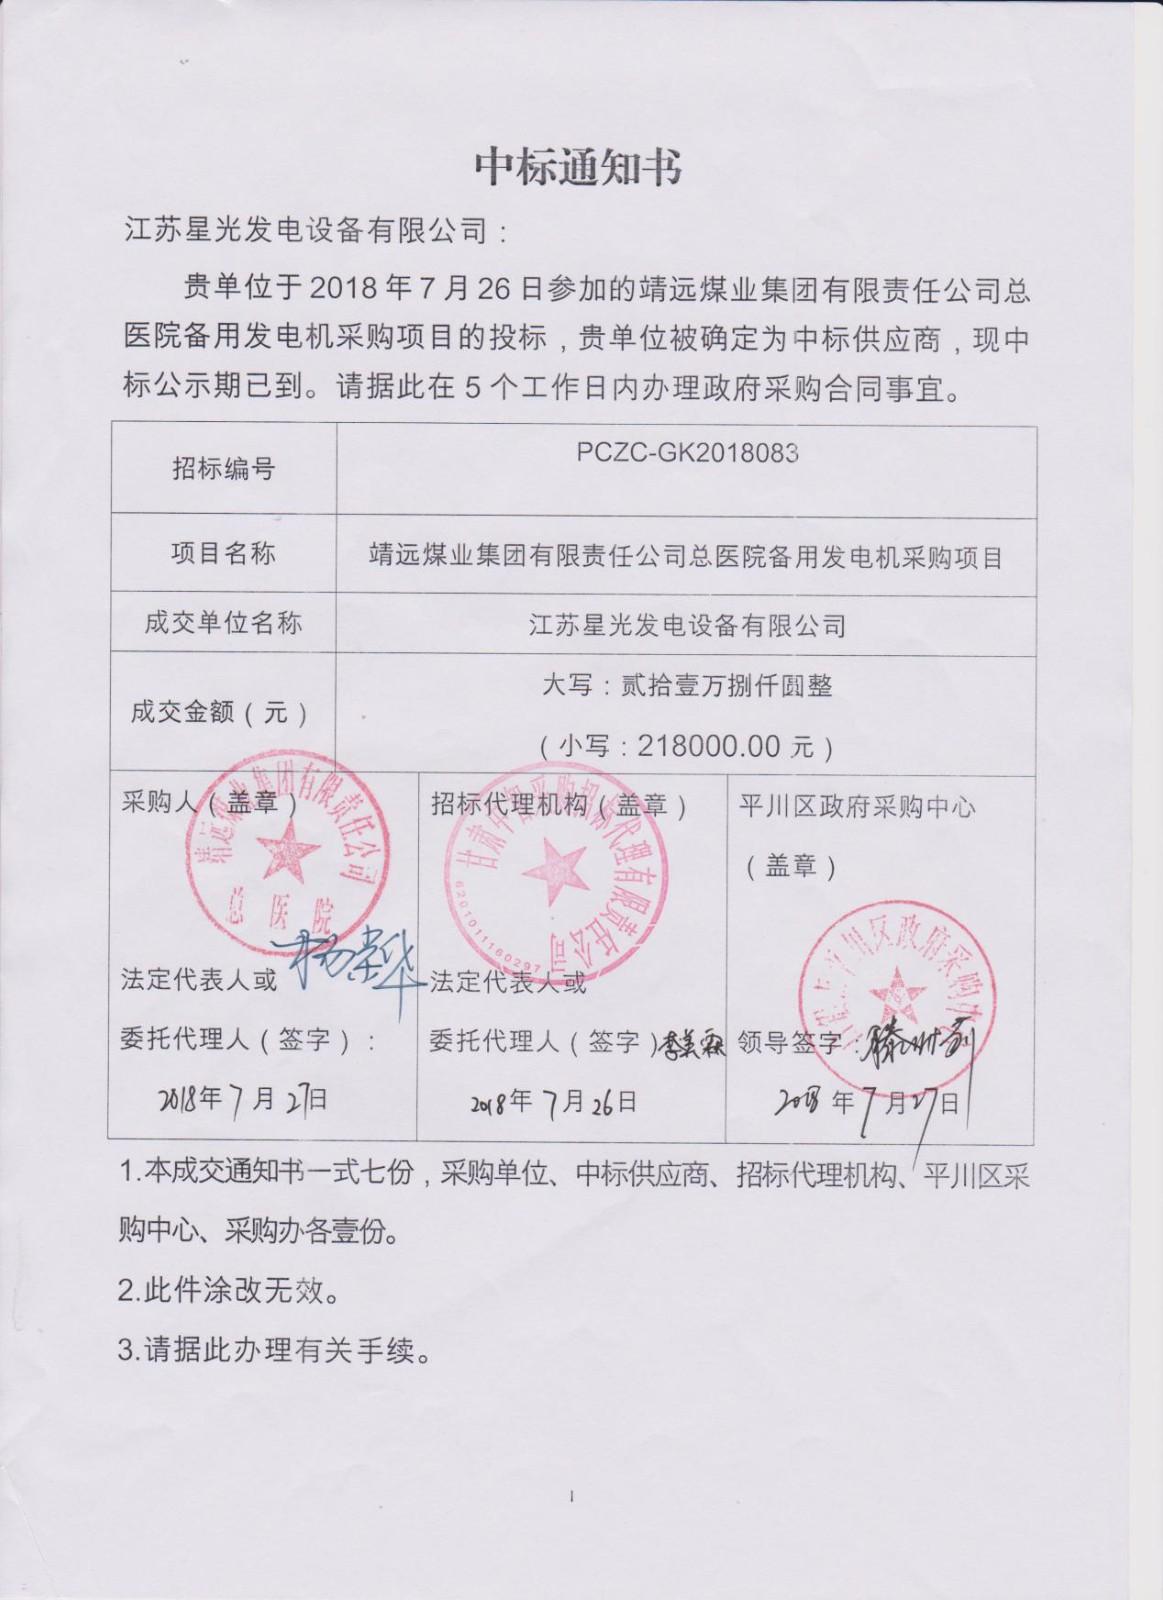 靖远煤业医院集团有限责任公司中标通知书.jpg